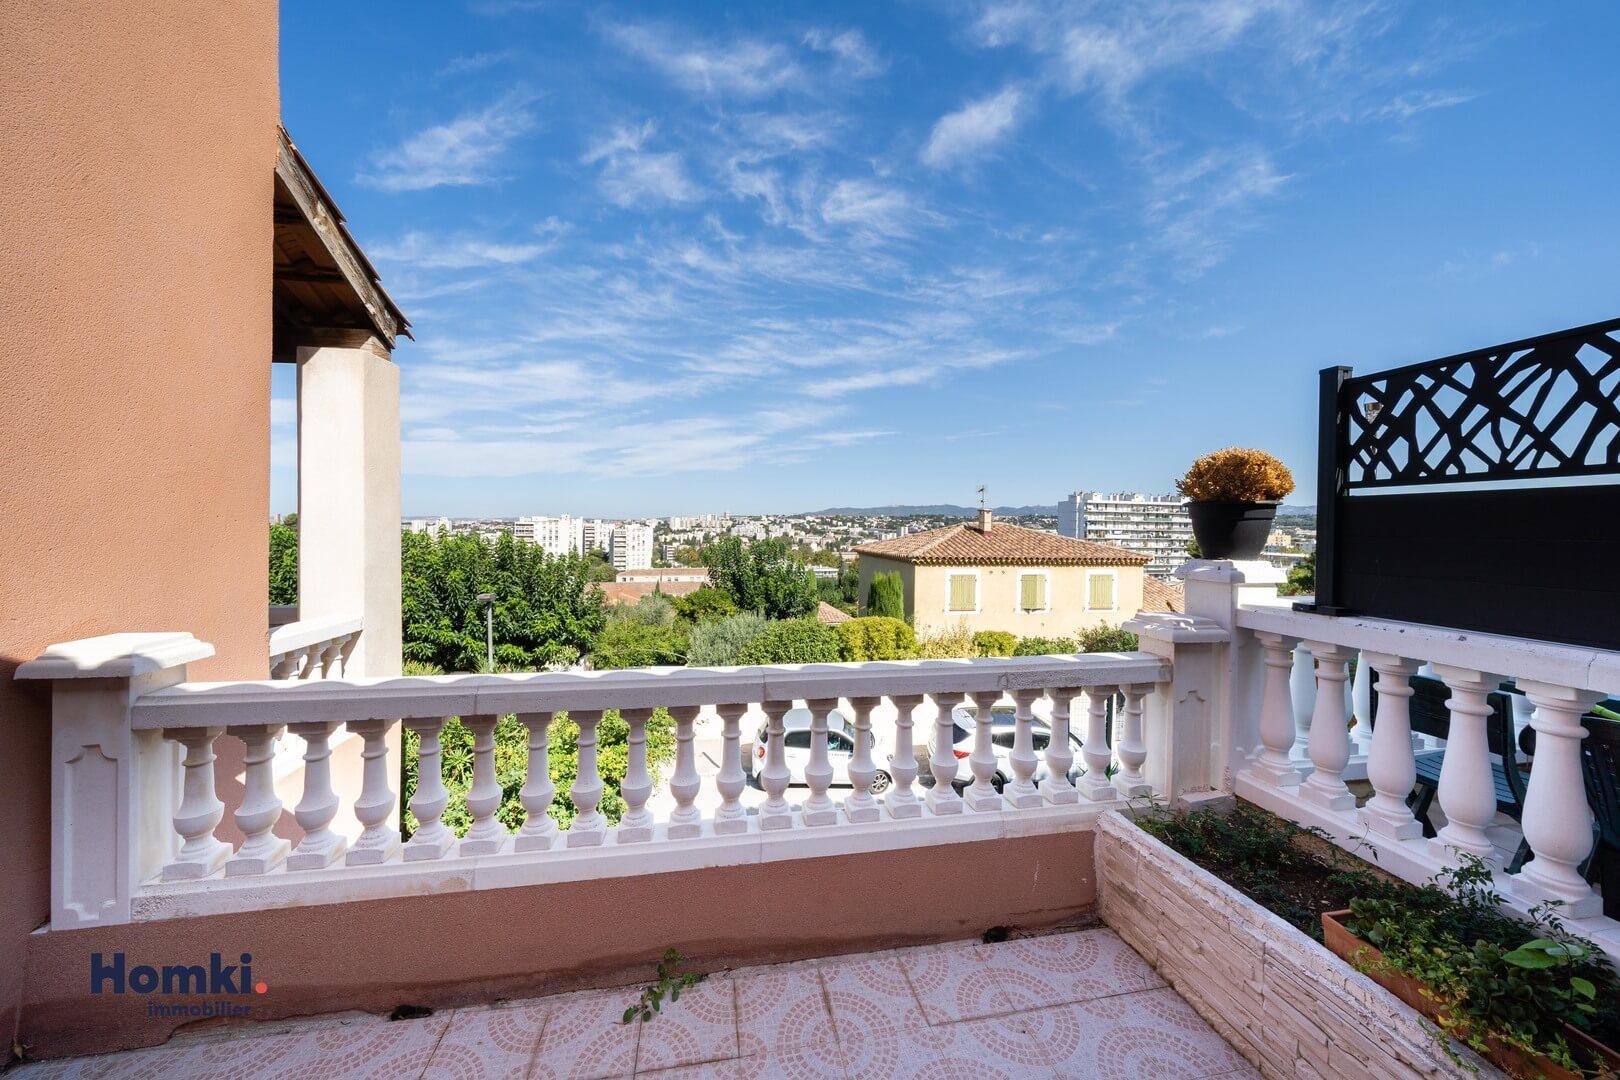 Vente Maison 105 m² T6 13011 Marseille_8